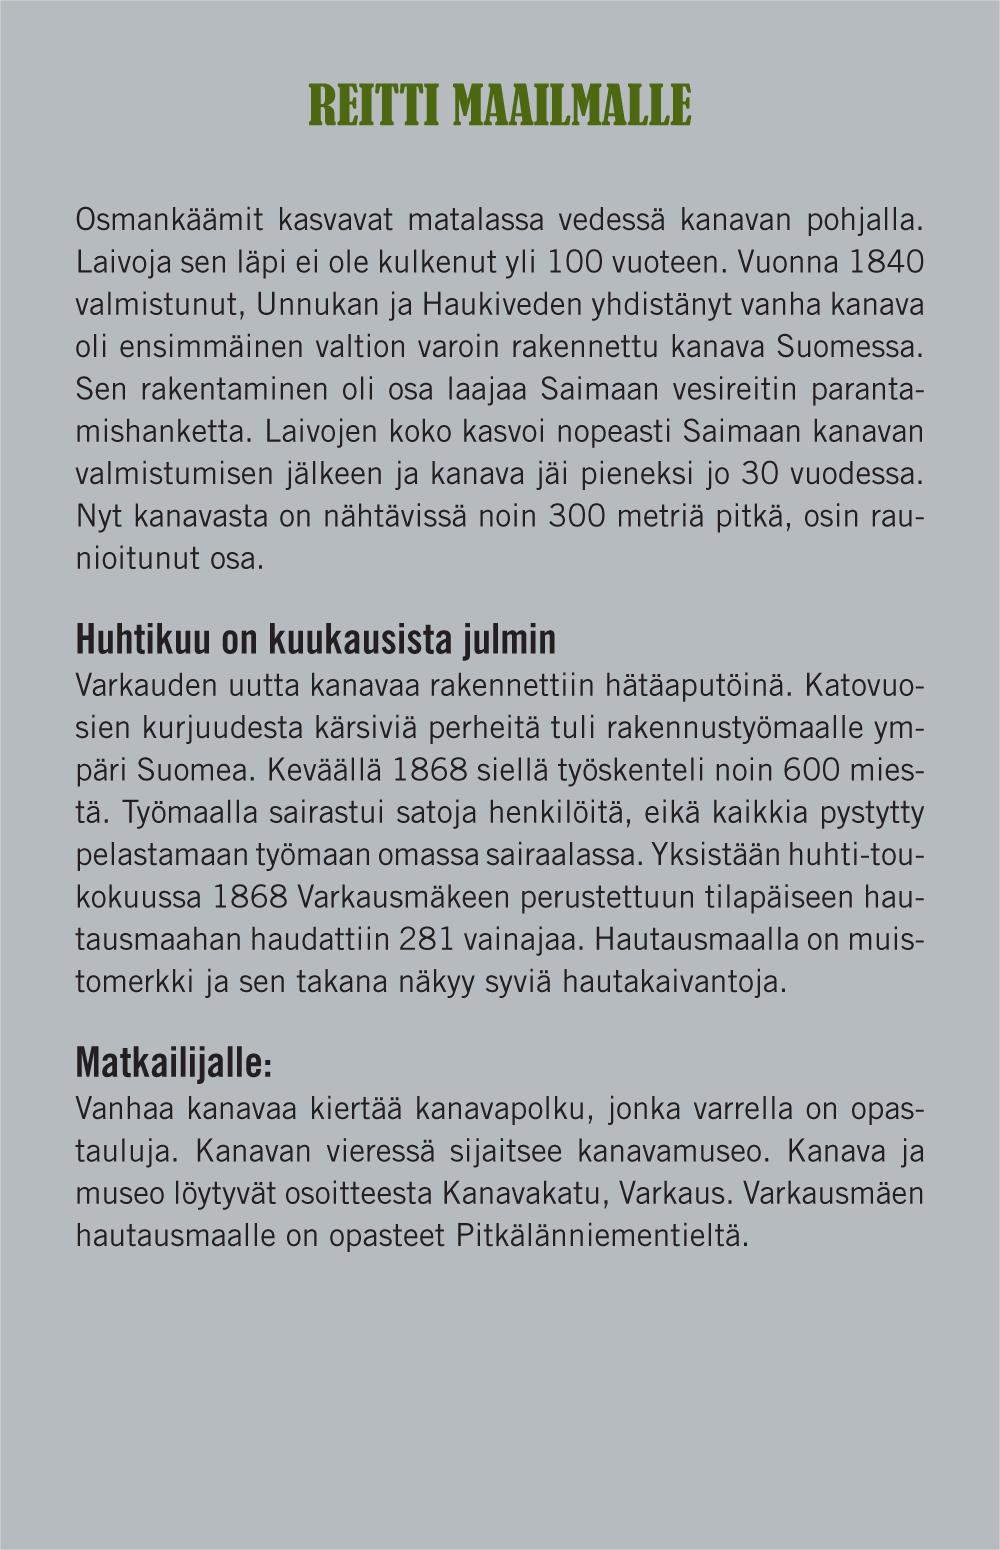 Reitti maailmalle (otsikko). Osmankäämit kasvavat matalassa vedessä kanavan pohjalla. Laivoja sen läpi ei ole kulkenut yli 100 vuoteen. Vuonna 1840 valmistunut, Unnukan ja Haukiveden yhdistänyt vanha kanava oli ensimmäinen valtion varoin rakennettu kanava Suomessa. Sen rakentaminen oli osa laajaa Saimaan vesireitin parantamishanketta. Laivojen koko kasvoi nopeasti Saimaan kanavan valmistumisen jäleen ja kanava jäi pieneksi jo 30 vuodessa. Nyt kanavasta on nähtävissä noin 300 metriä pitkä, osin raunioitunut osa. Huhtikuu on kuukausista julmin (väliotsikko). Varkauden uutta kanavaa rakennettiin hätäaputöinä. Katovuosien kurjuudesta kärsiviä perheitä tuli rakennustyömaalle ympäri Suomea. Keväällä 1868 siellä työskenteli noin 600 miestä. Työmaalla sairastui satoja henkilöitä, eikä kaikkia pystytty pelastamaan työmaan omassa sairaalassa. Yksistään huhti-toukokuussa 1868 Varkausmäkeen perustettuun tilapäiseen hautausmaahan haudattiin 281 vainajaa. Hautausmaalla on muistomerkki ja sen takana näkyy syviä hautakaivantoja. Matkailijalle (väliotsikko): Vanhaa kanavaa kiertää kanavapolku, jonka varrella on opastauluja. Kanavan vieressä sijaitsee kanavamuseo. Kanava ja museo löytyvät osoitteesta Kanavakatu, Varkaus. Varkausmäen hautausmaalle on opasteet Pitkälänniementieltä.